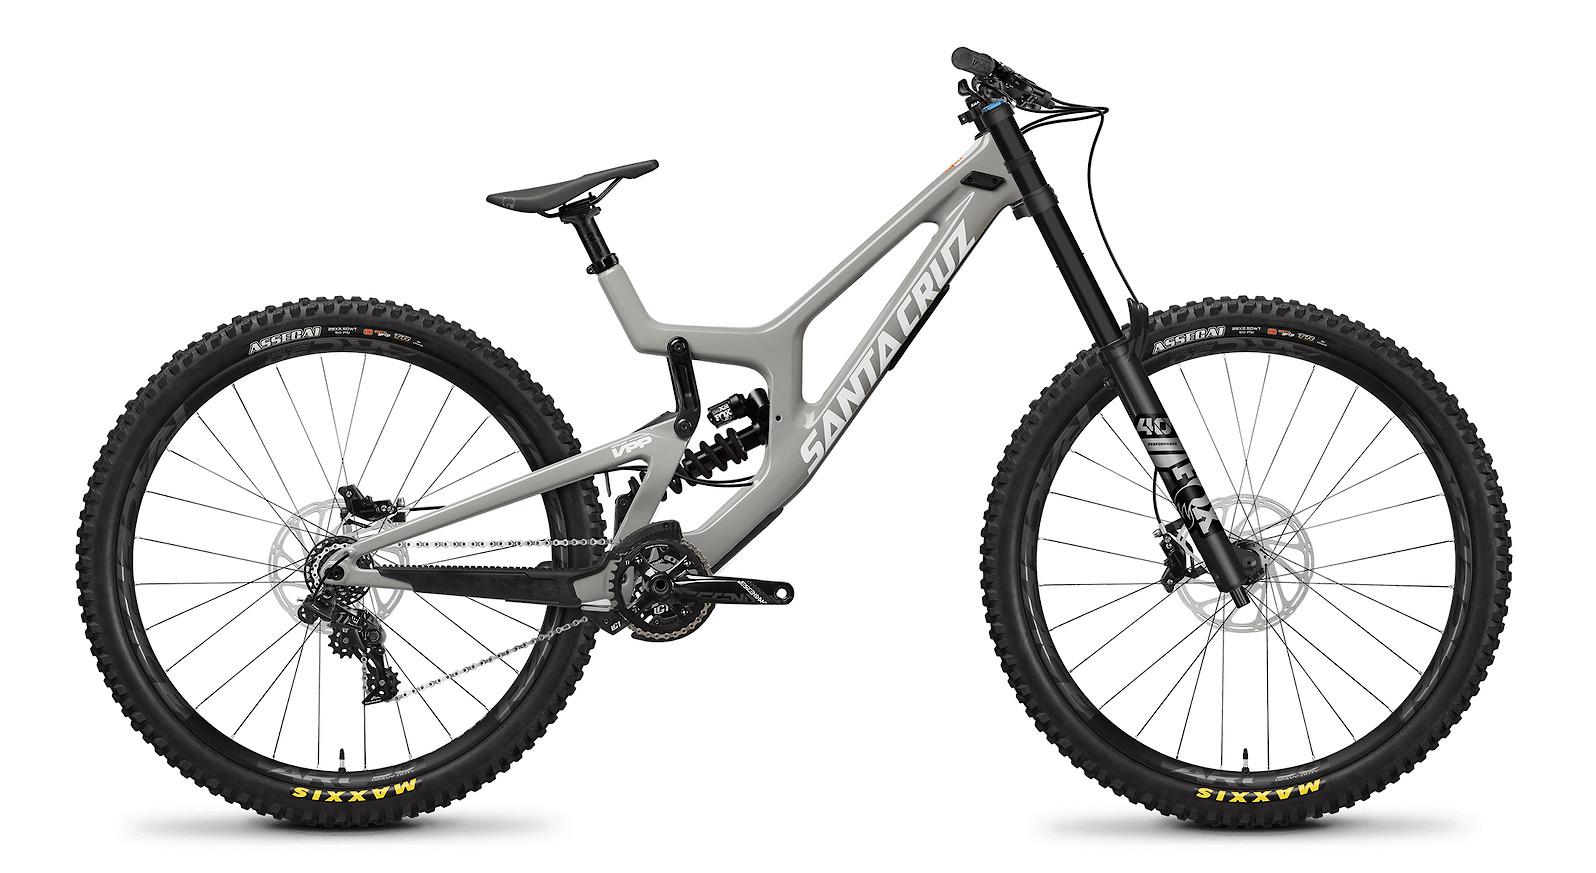 2021 Santa Cruz V10 DH S Carbon CC 29